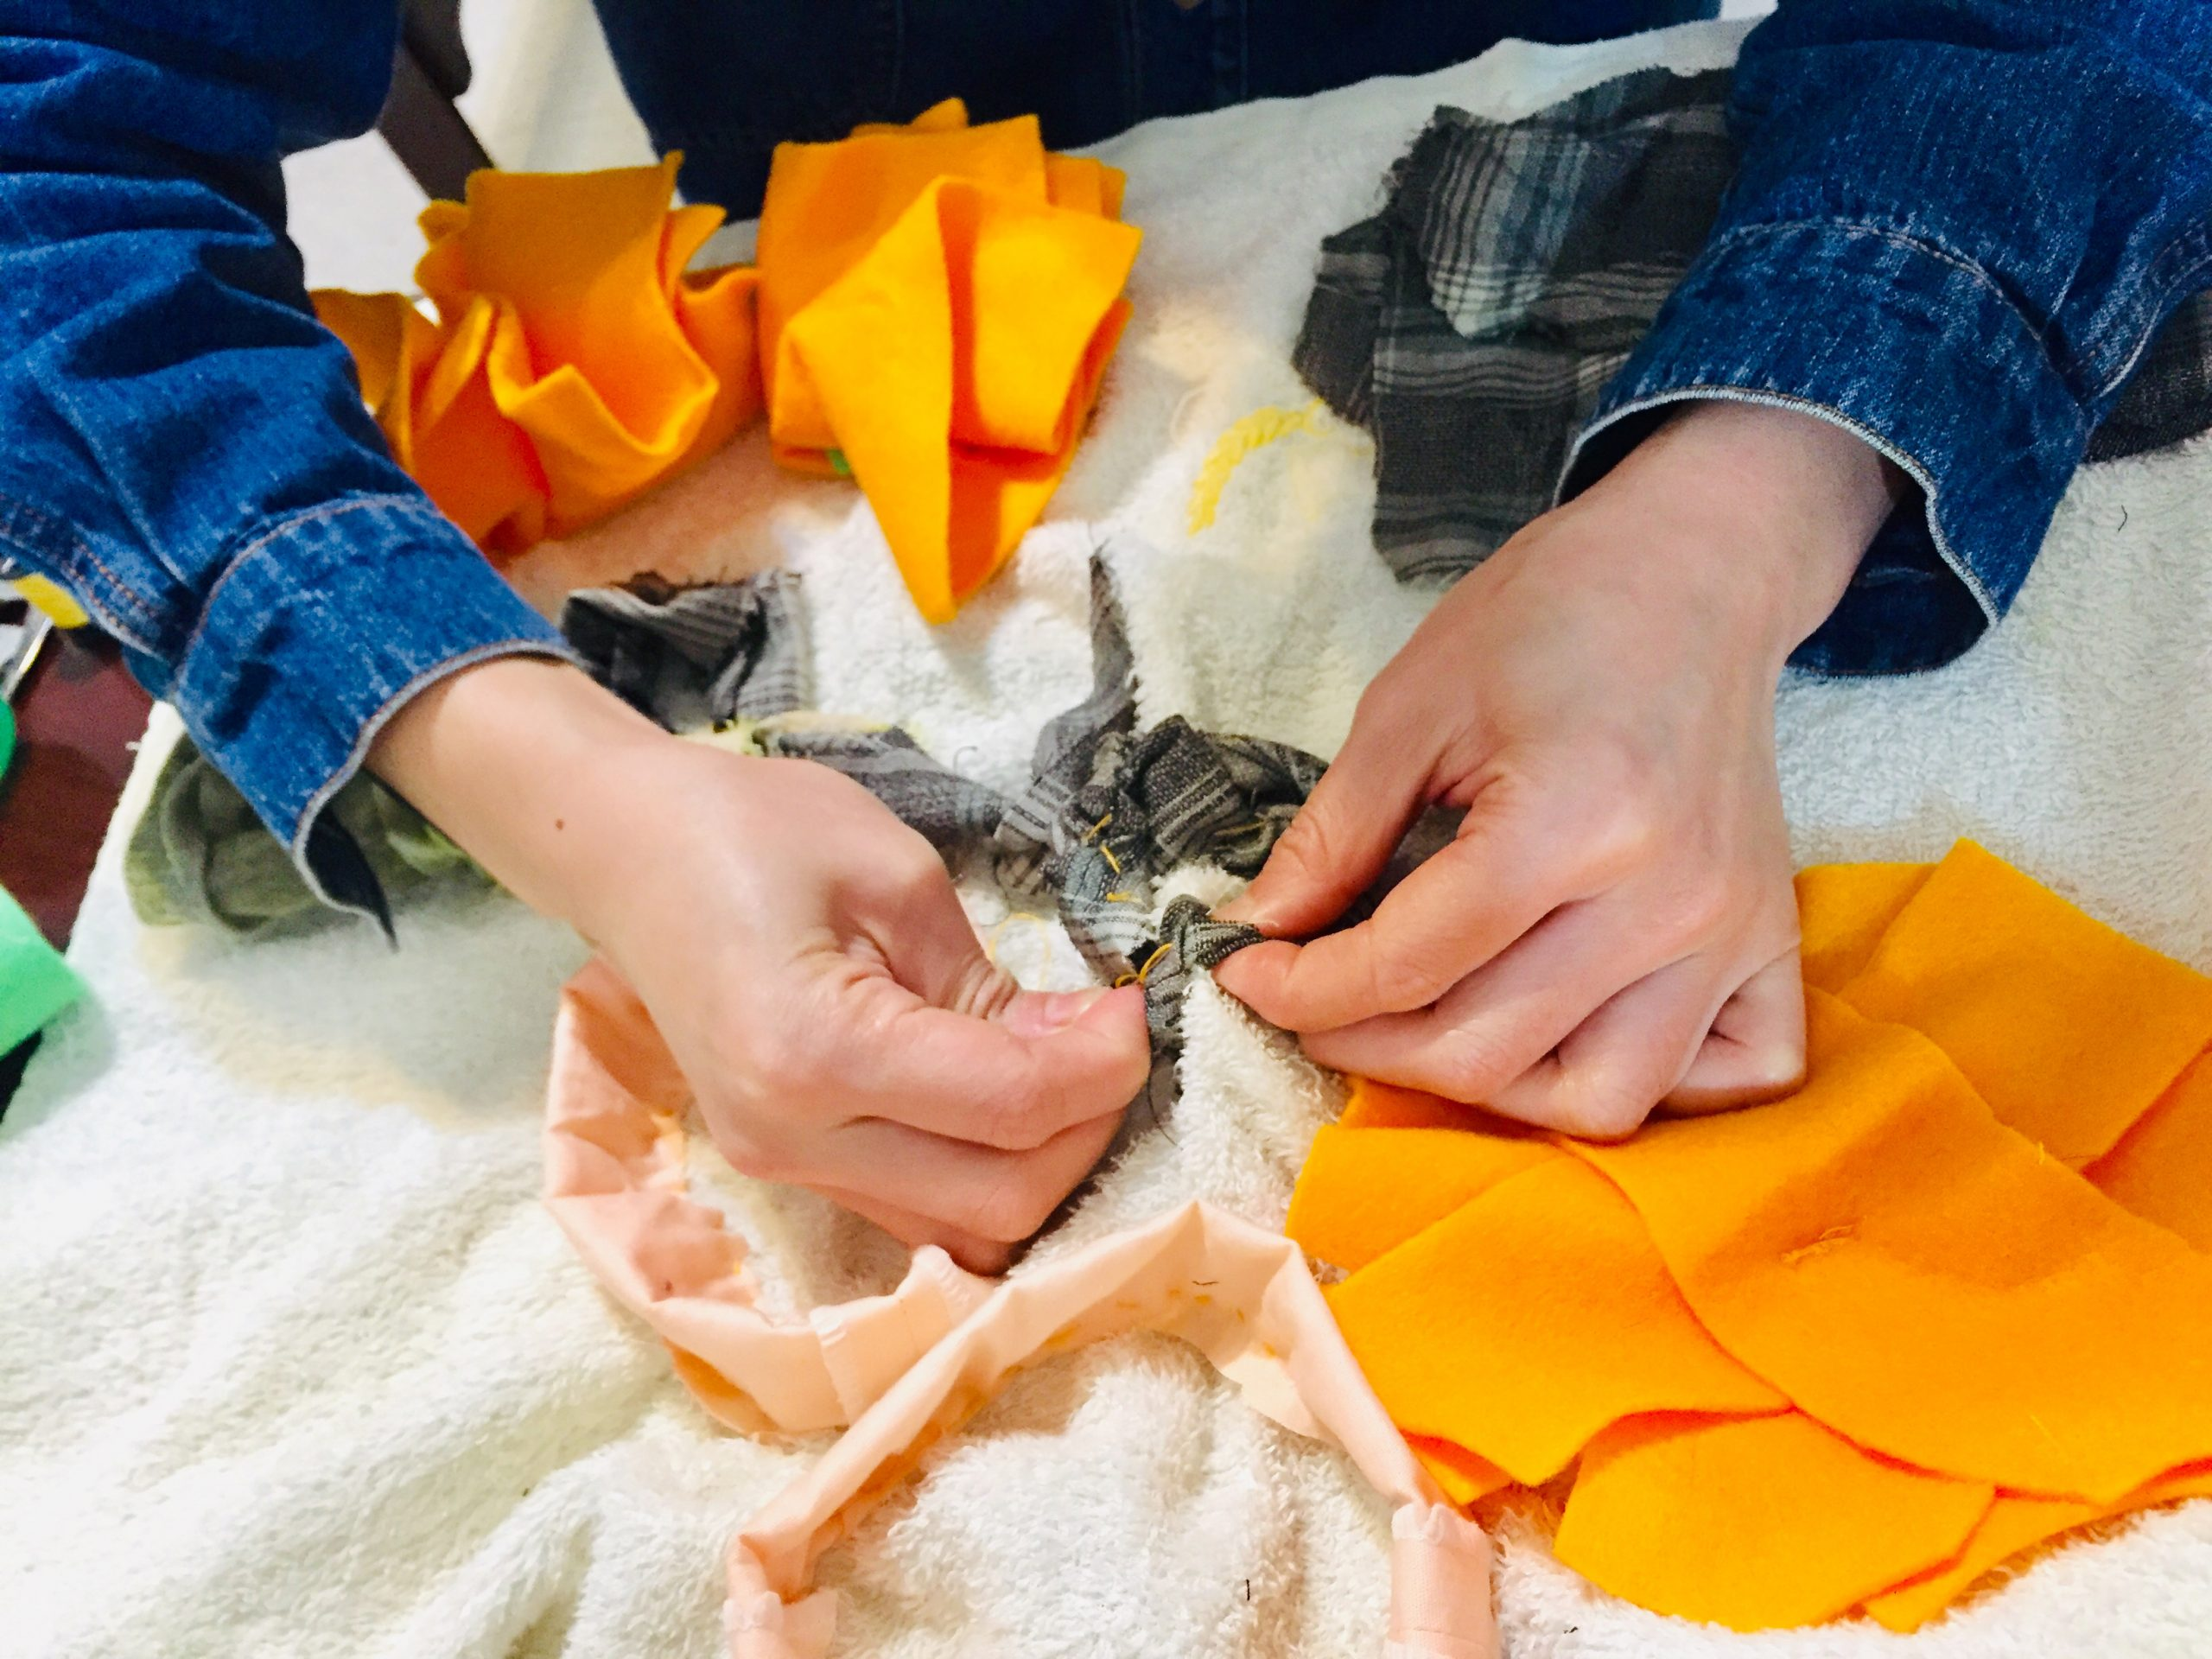 「舊衣織織研究社:狗狗嗅聞墊與玩具製作」